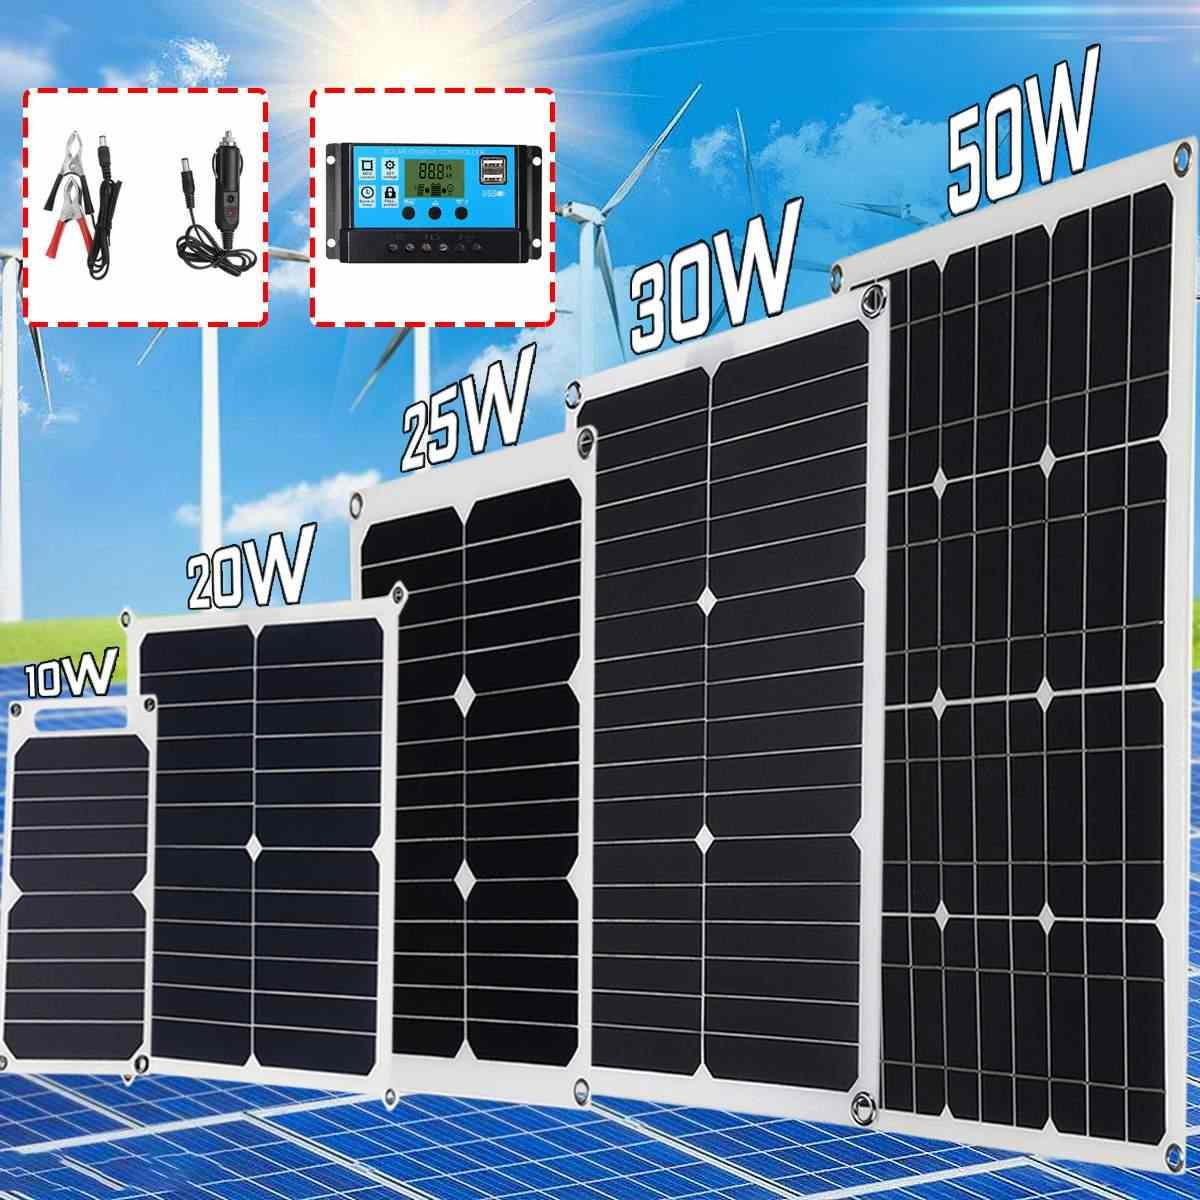 10 Вт, 20 Вт, 30 Вт, 50 Вт, 5 В, 12 В, 18 в, солнечная панель, солнечные элементы, поли солнечная панель, контроллер батареи для дома на колесах, автомобилей, яхты, RV, лодки